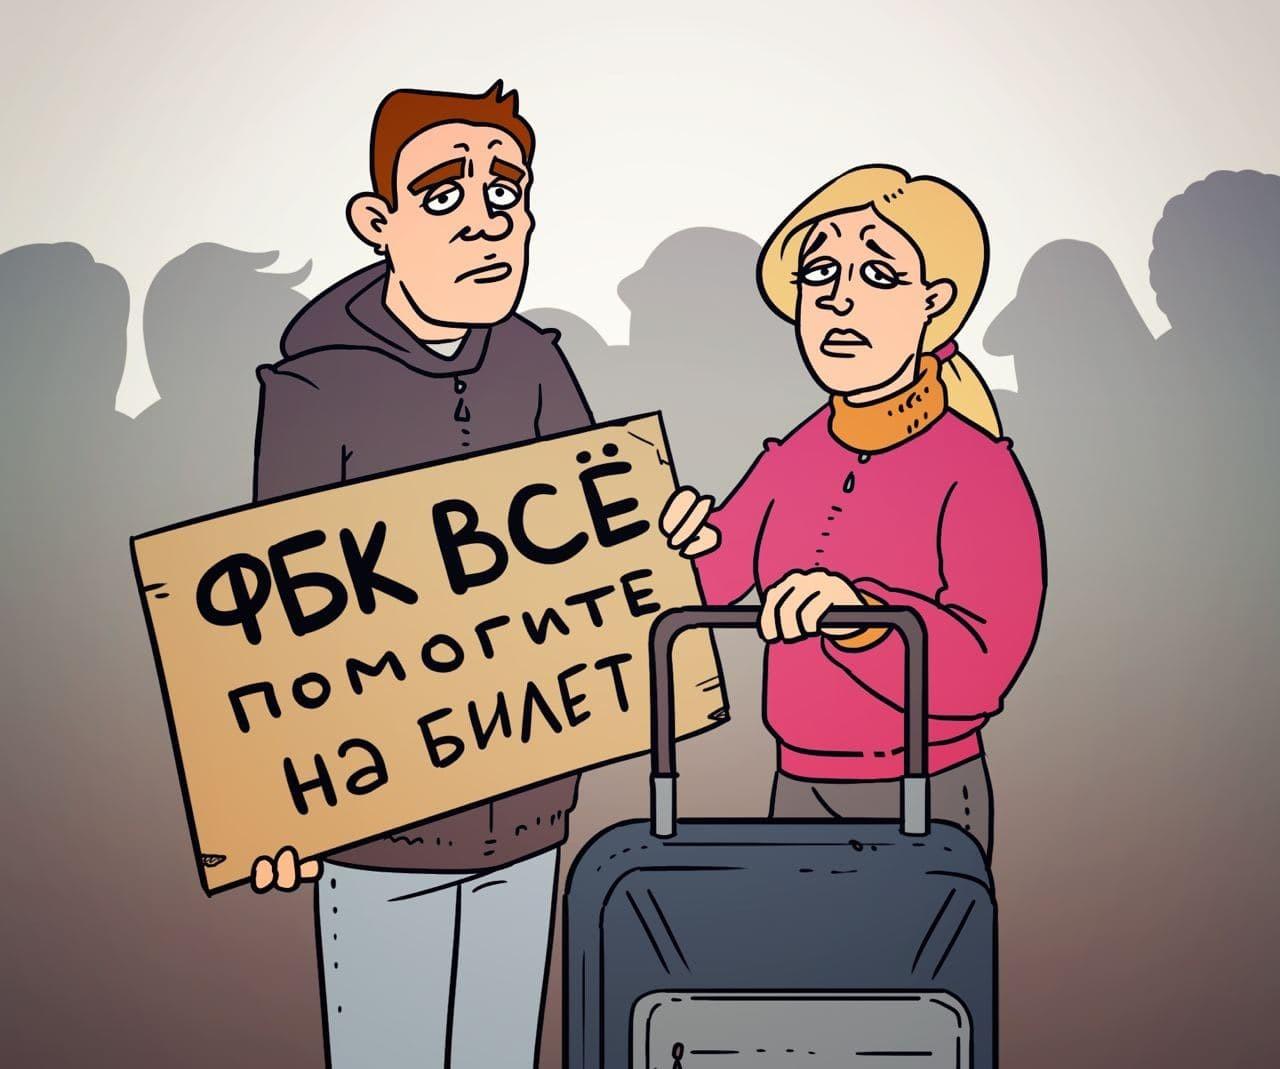 Переполох среди хомяков: навальнята убегают, Волков- предатель, а Навальный у разбитого корыта